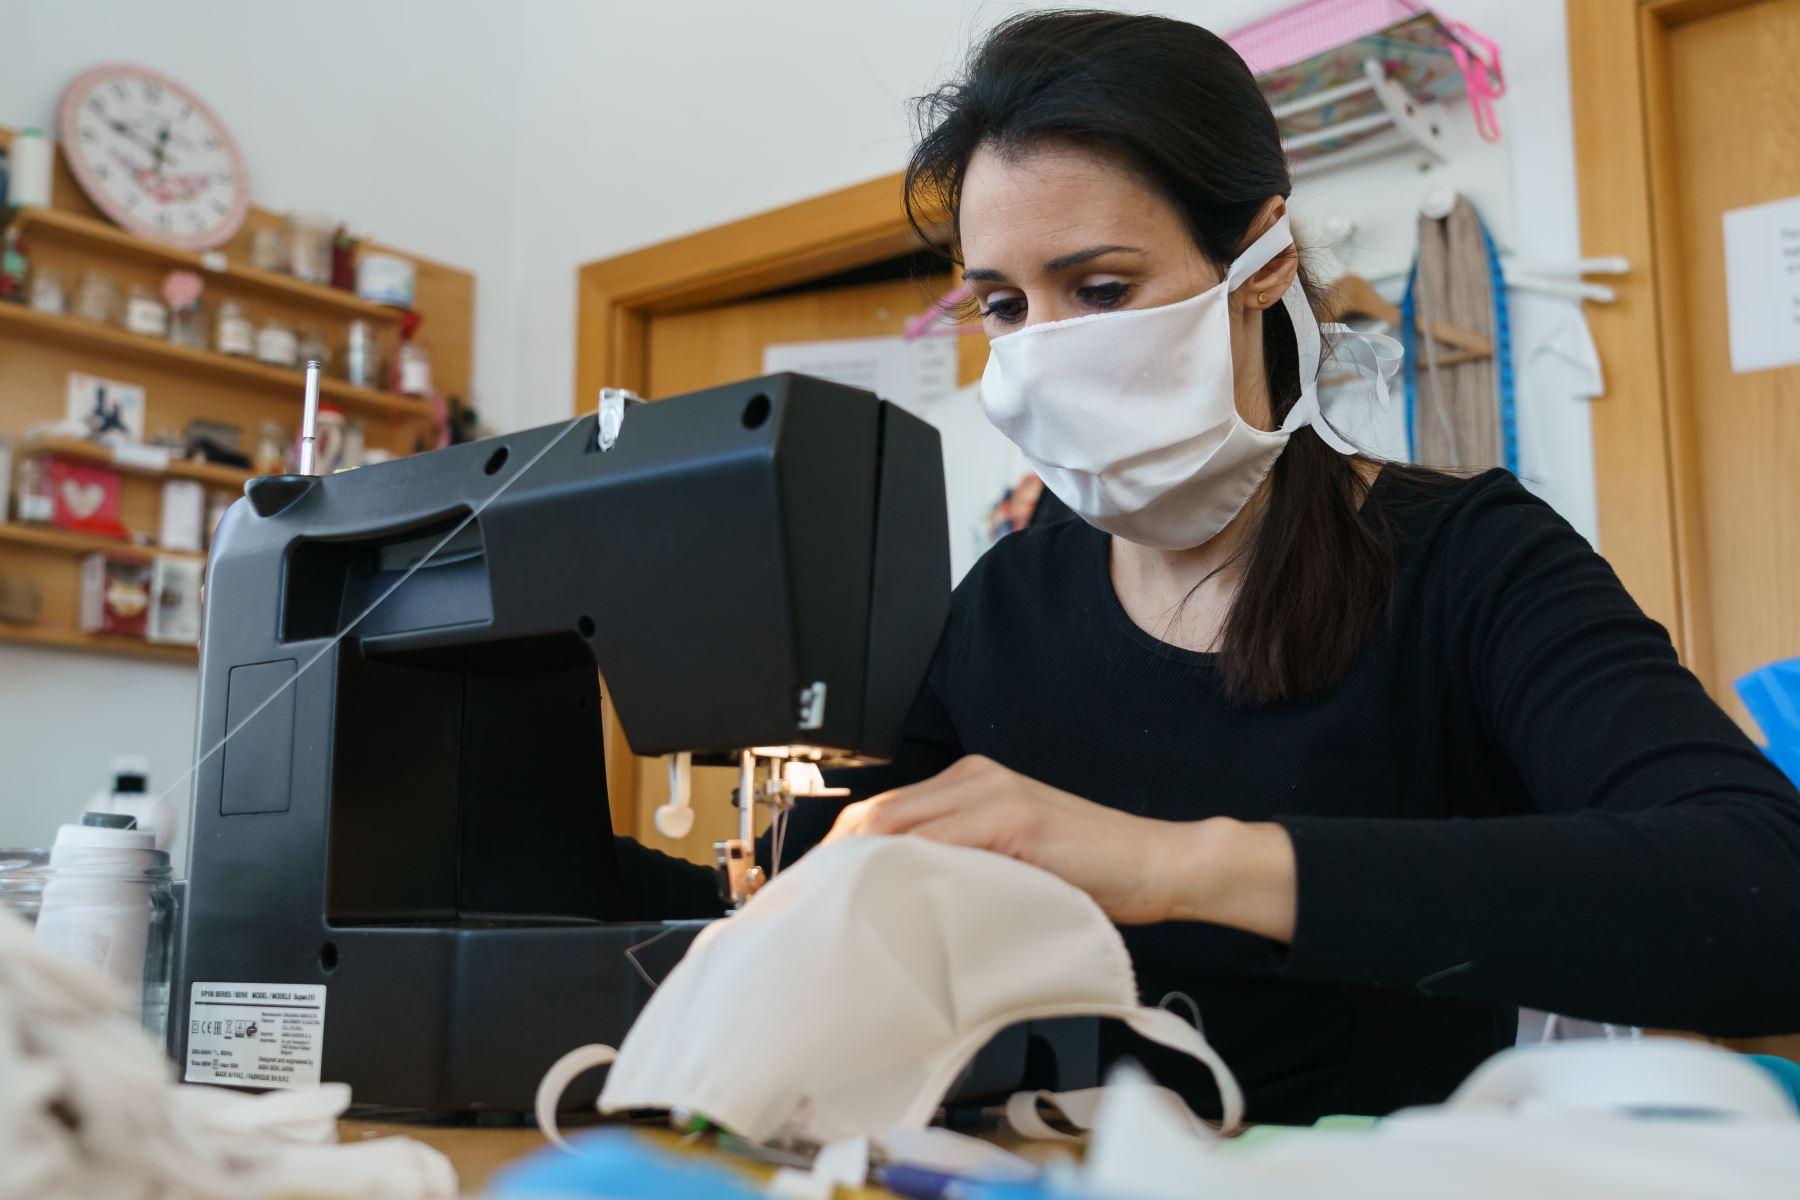 Una mujer cose máscaras faciales hechas a mano en un taller en Burgos, al norte de España en medio de las preocupaciones por el brote de coronavirus COVID-19. Otras 514 personas murieron en España en las últimas 24 horas, elevando el número de muertos a 2,696, ya que el número de infecciones aumentó a 40,000, dijo el gobierno. Foto: AFP